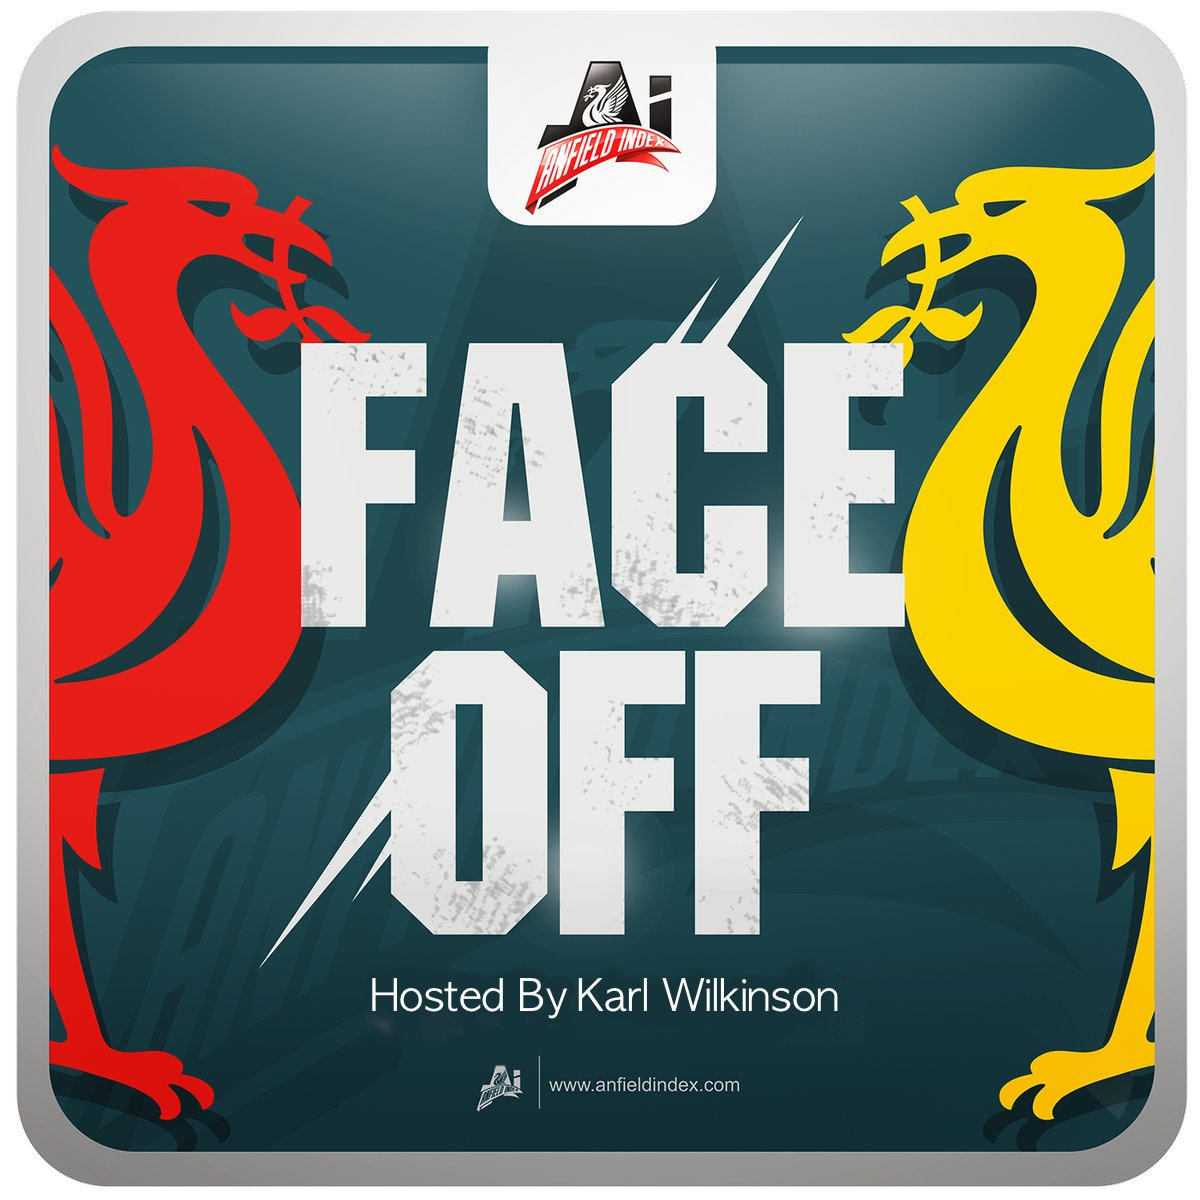 #FaceOff: #LIVLEI  With: @KMacoftheKop @HairyWelshy & @JimKnightTweets  Listen: